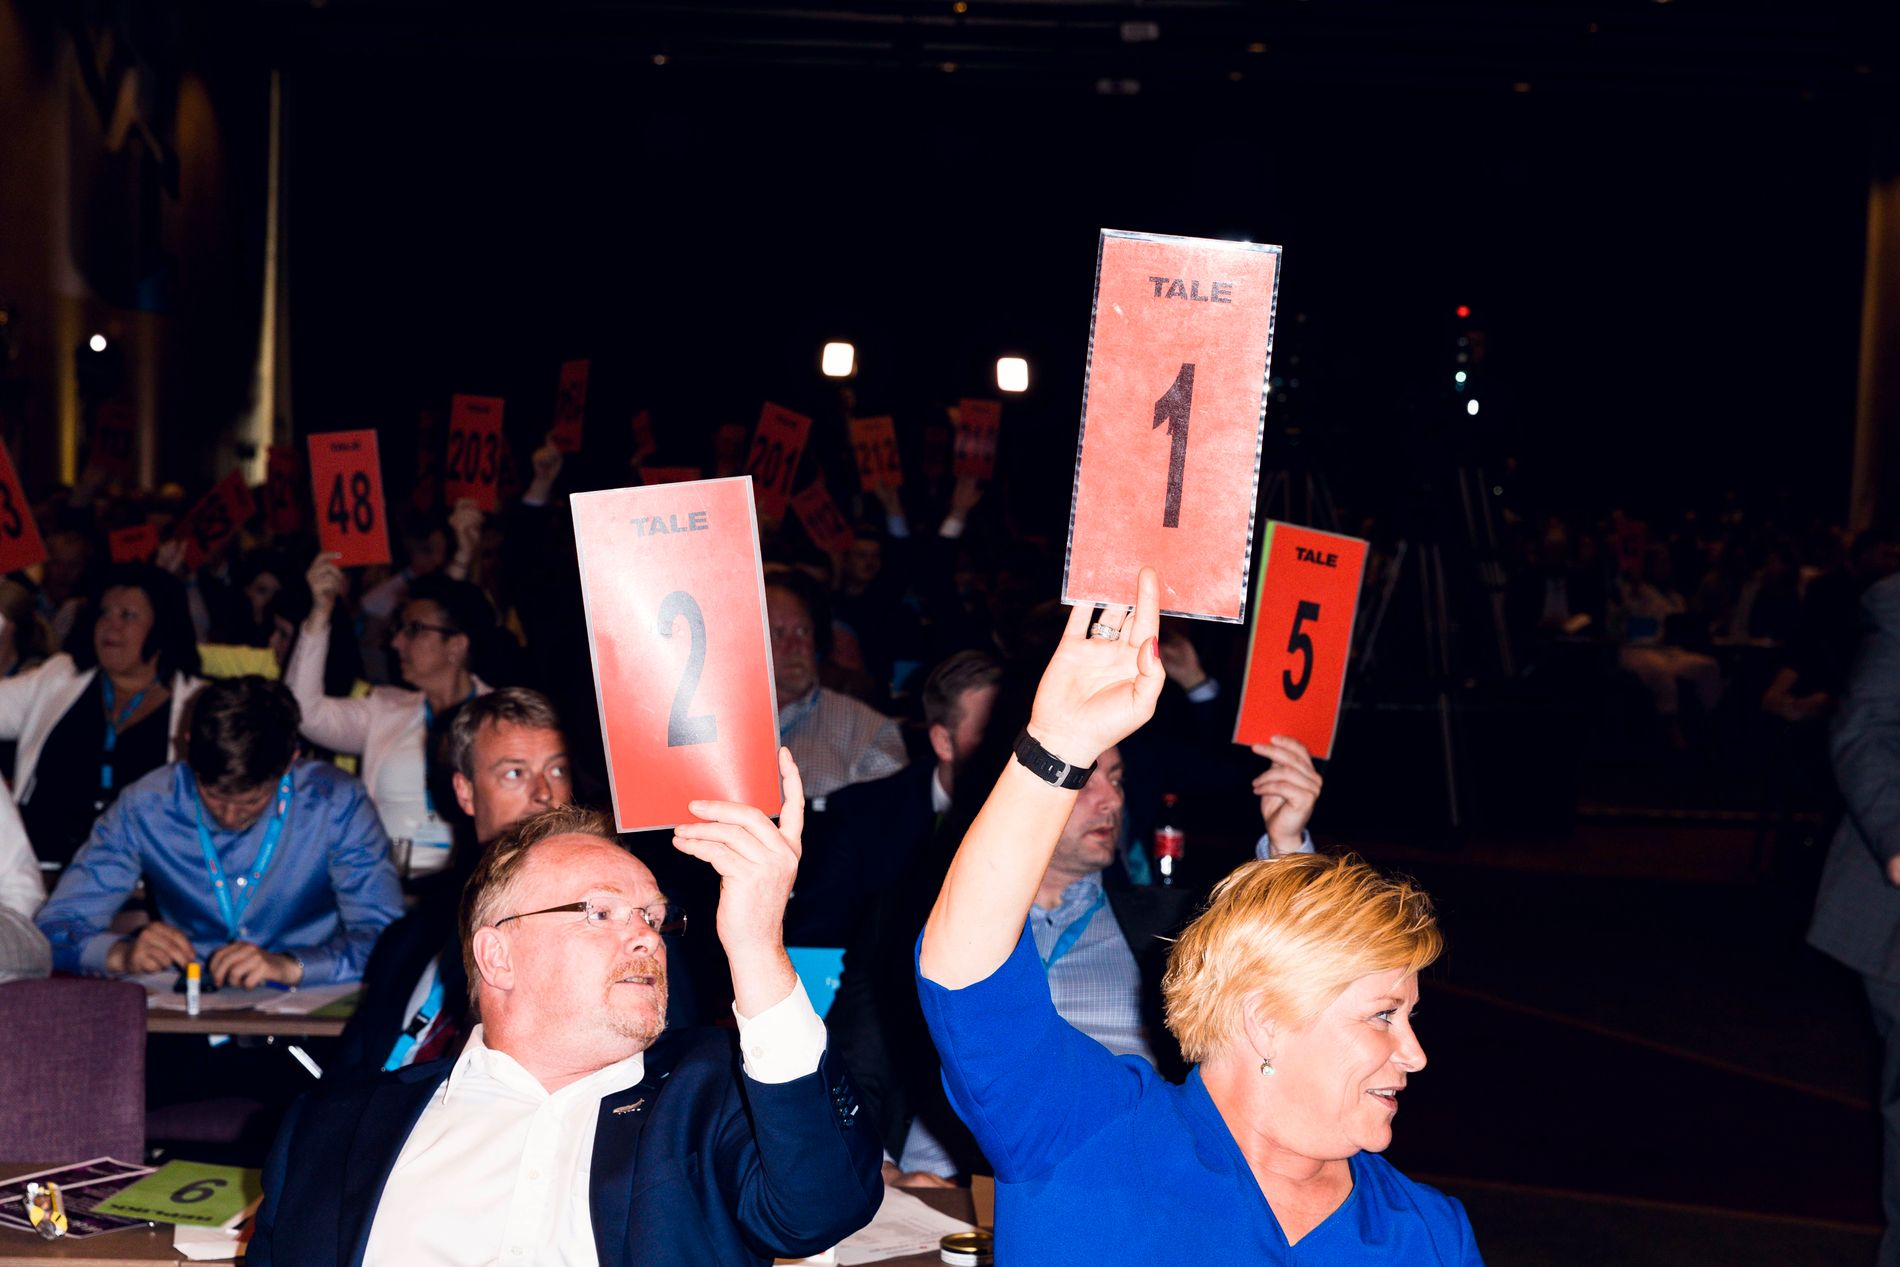 LANDSMØTE: FrP-landsmøtet har votert over flere kontroversielle tema lørdag. Her ved nestleder Per Sandberg og Siv Jensen.